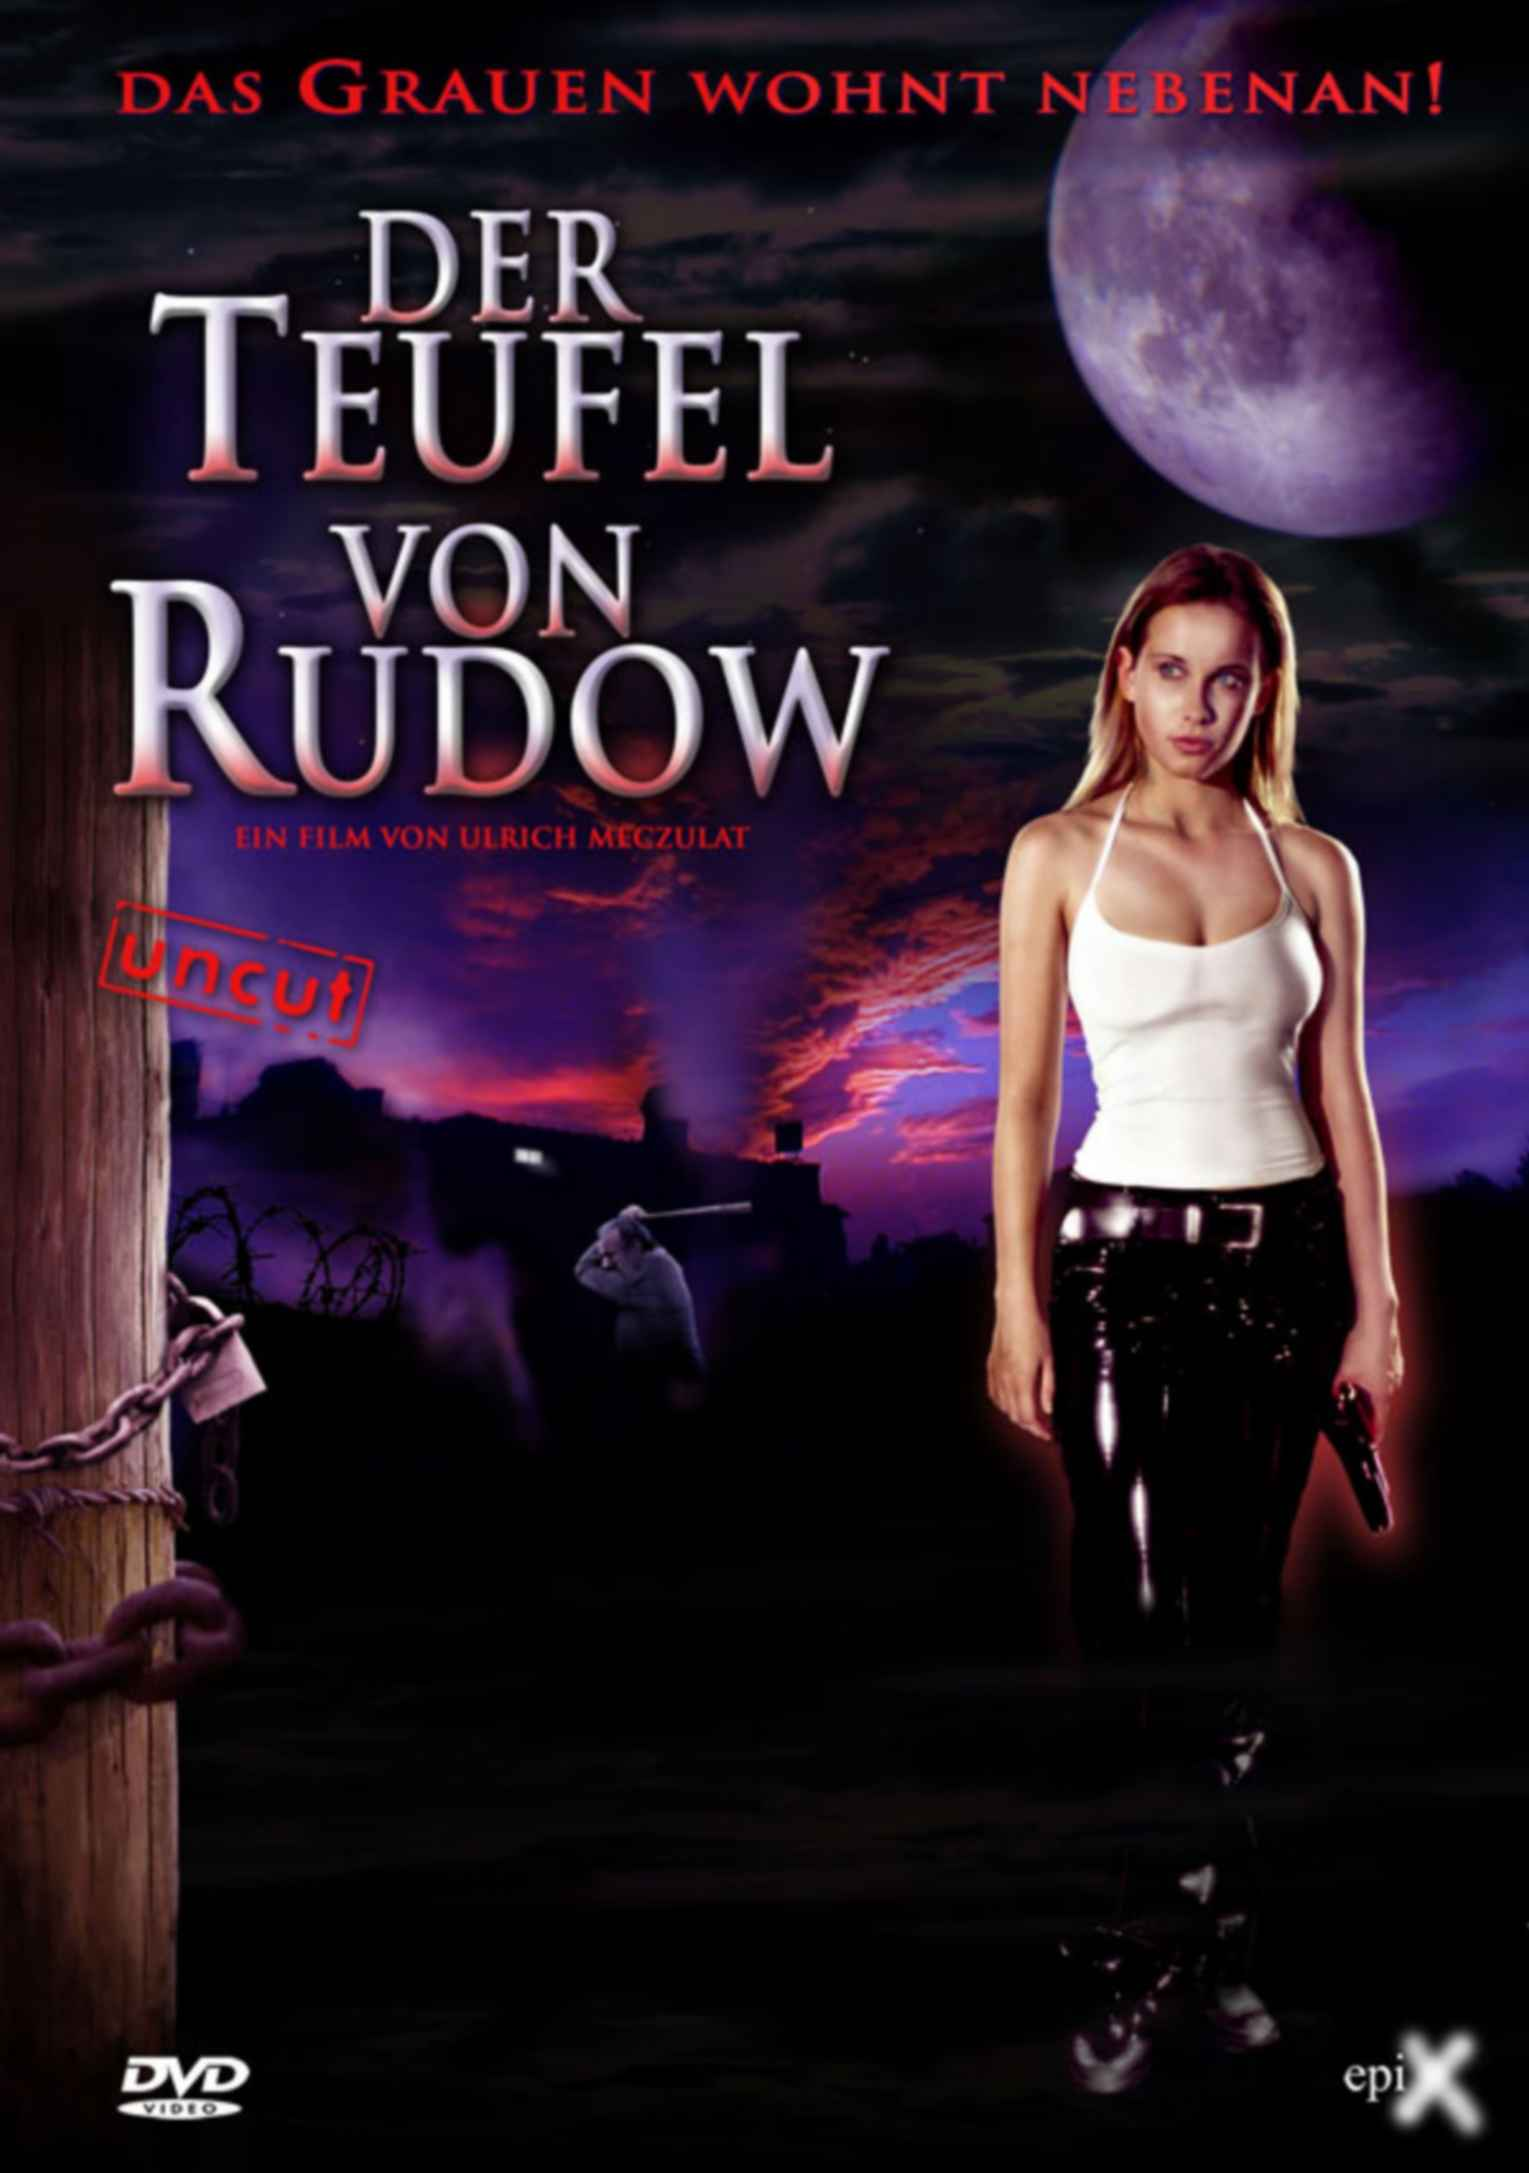 TEUFEL VON RUDOW-Cover-Front